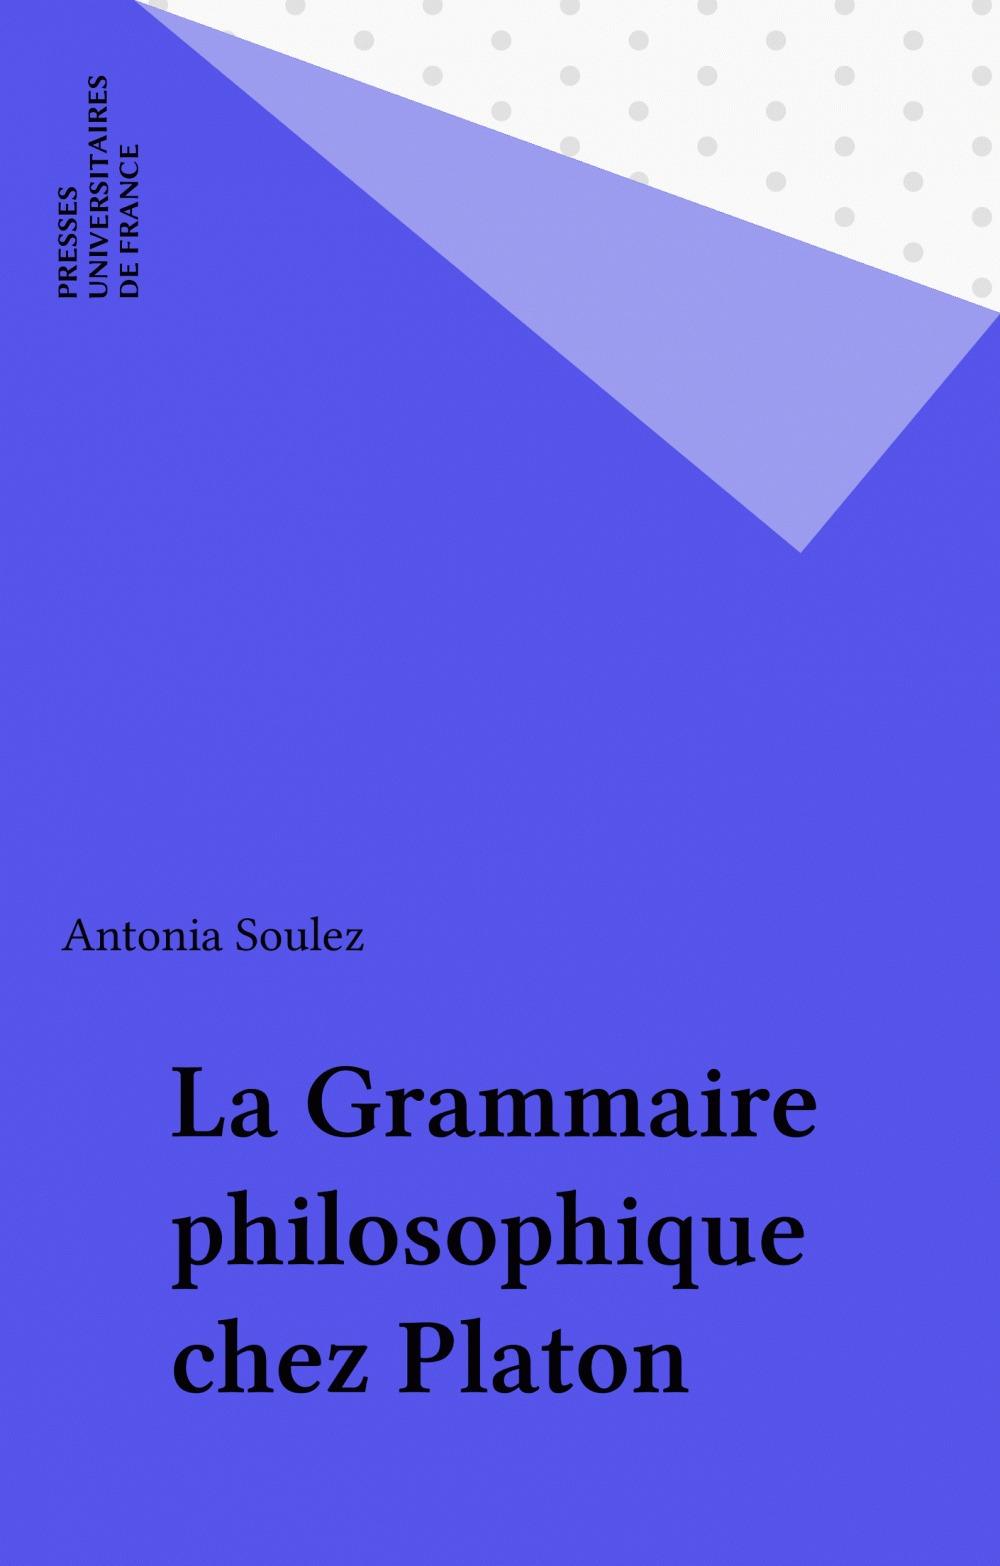 La grammaire philosophique chez platon